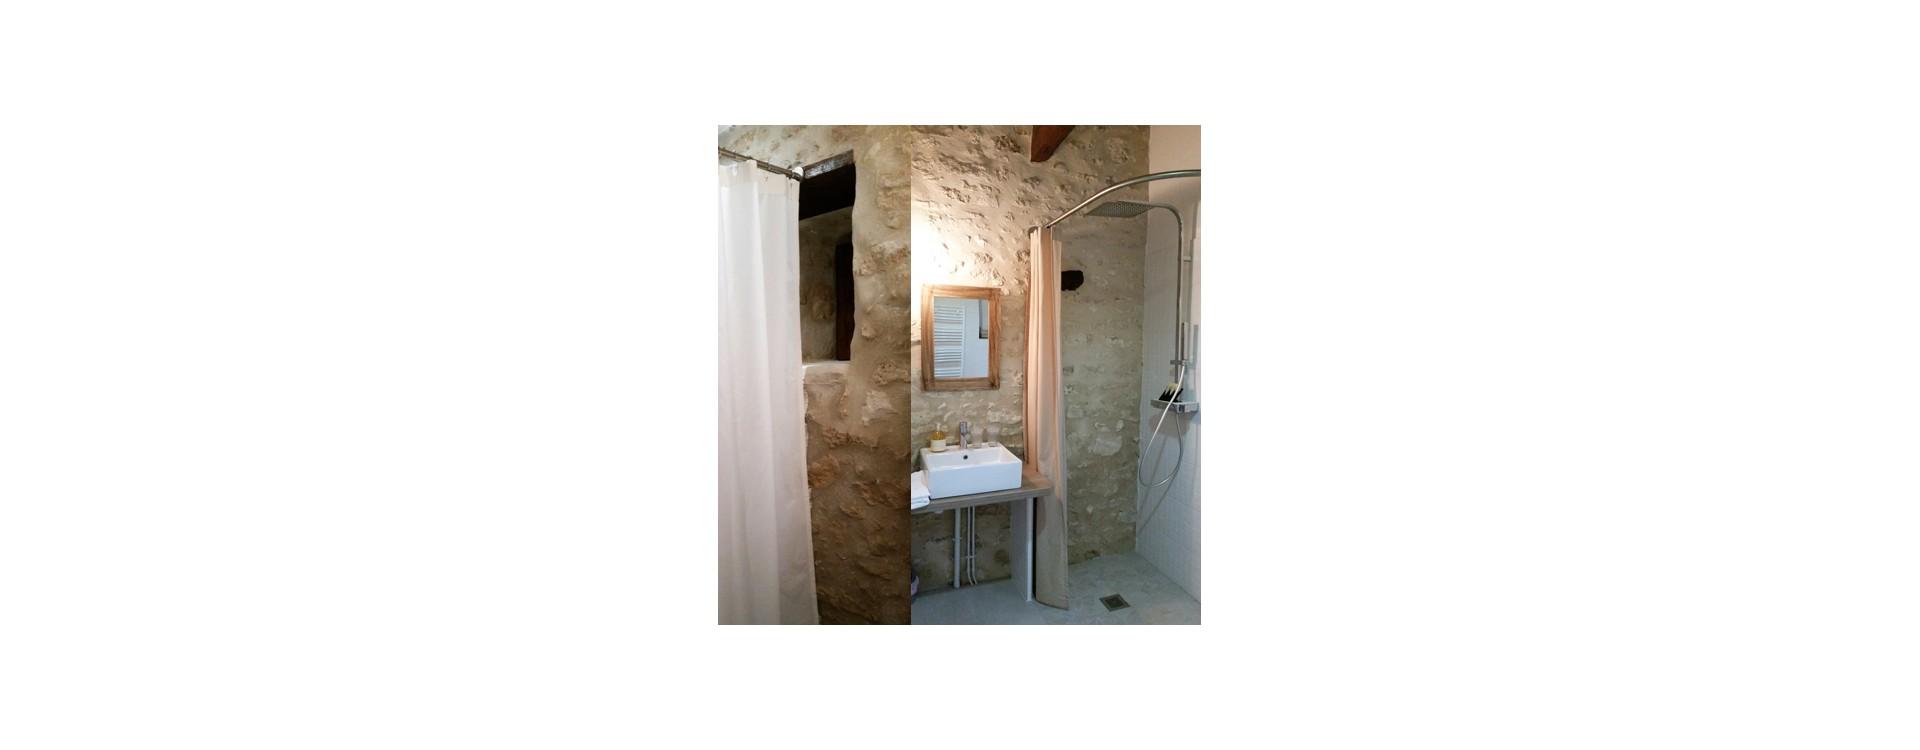 GalboBain équipe les salles de bain des chambres de Beynes